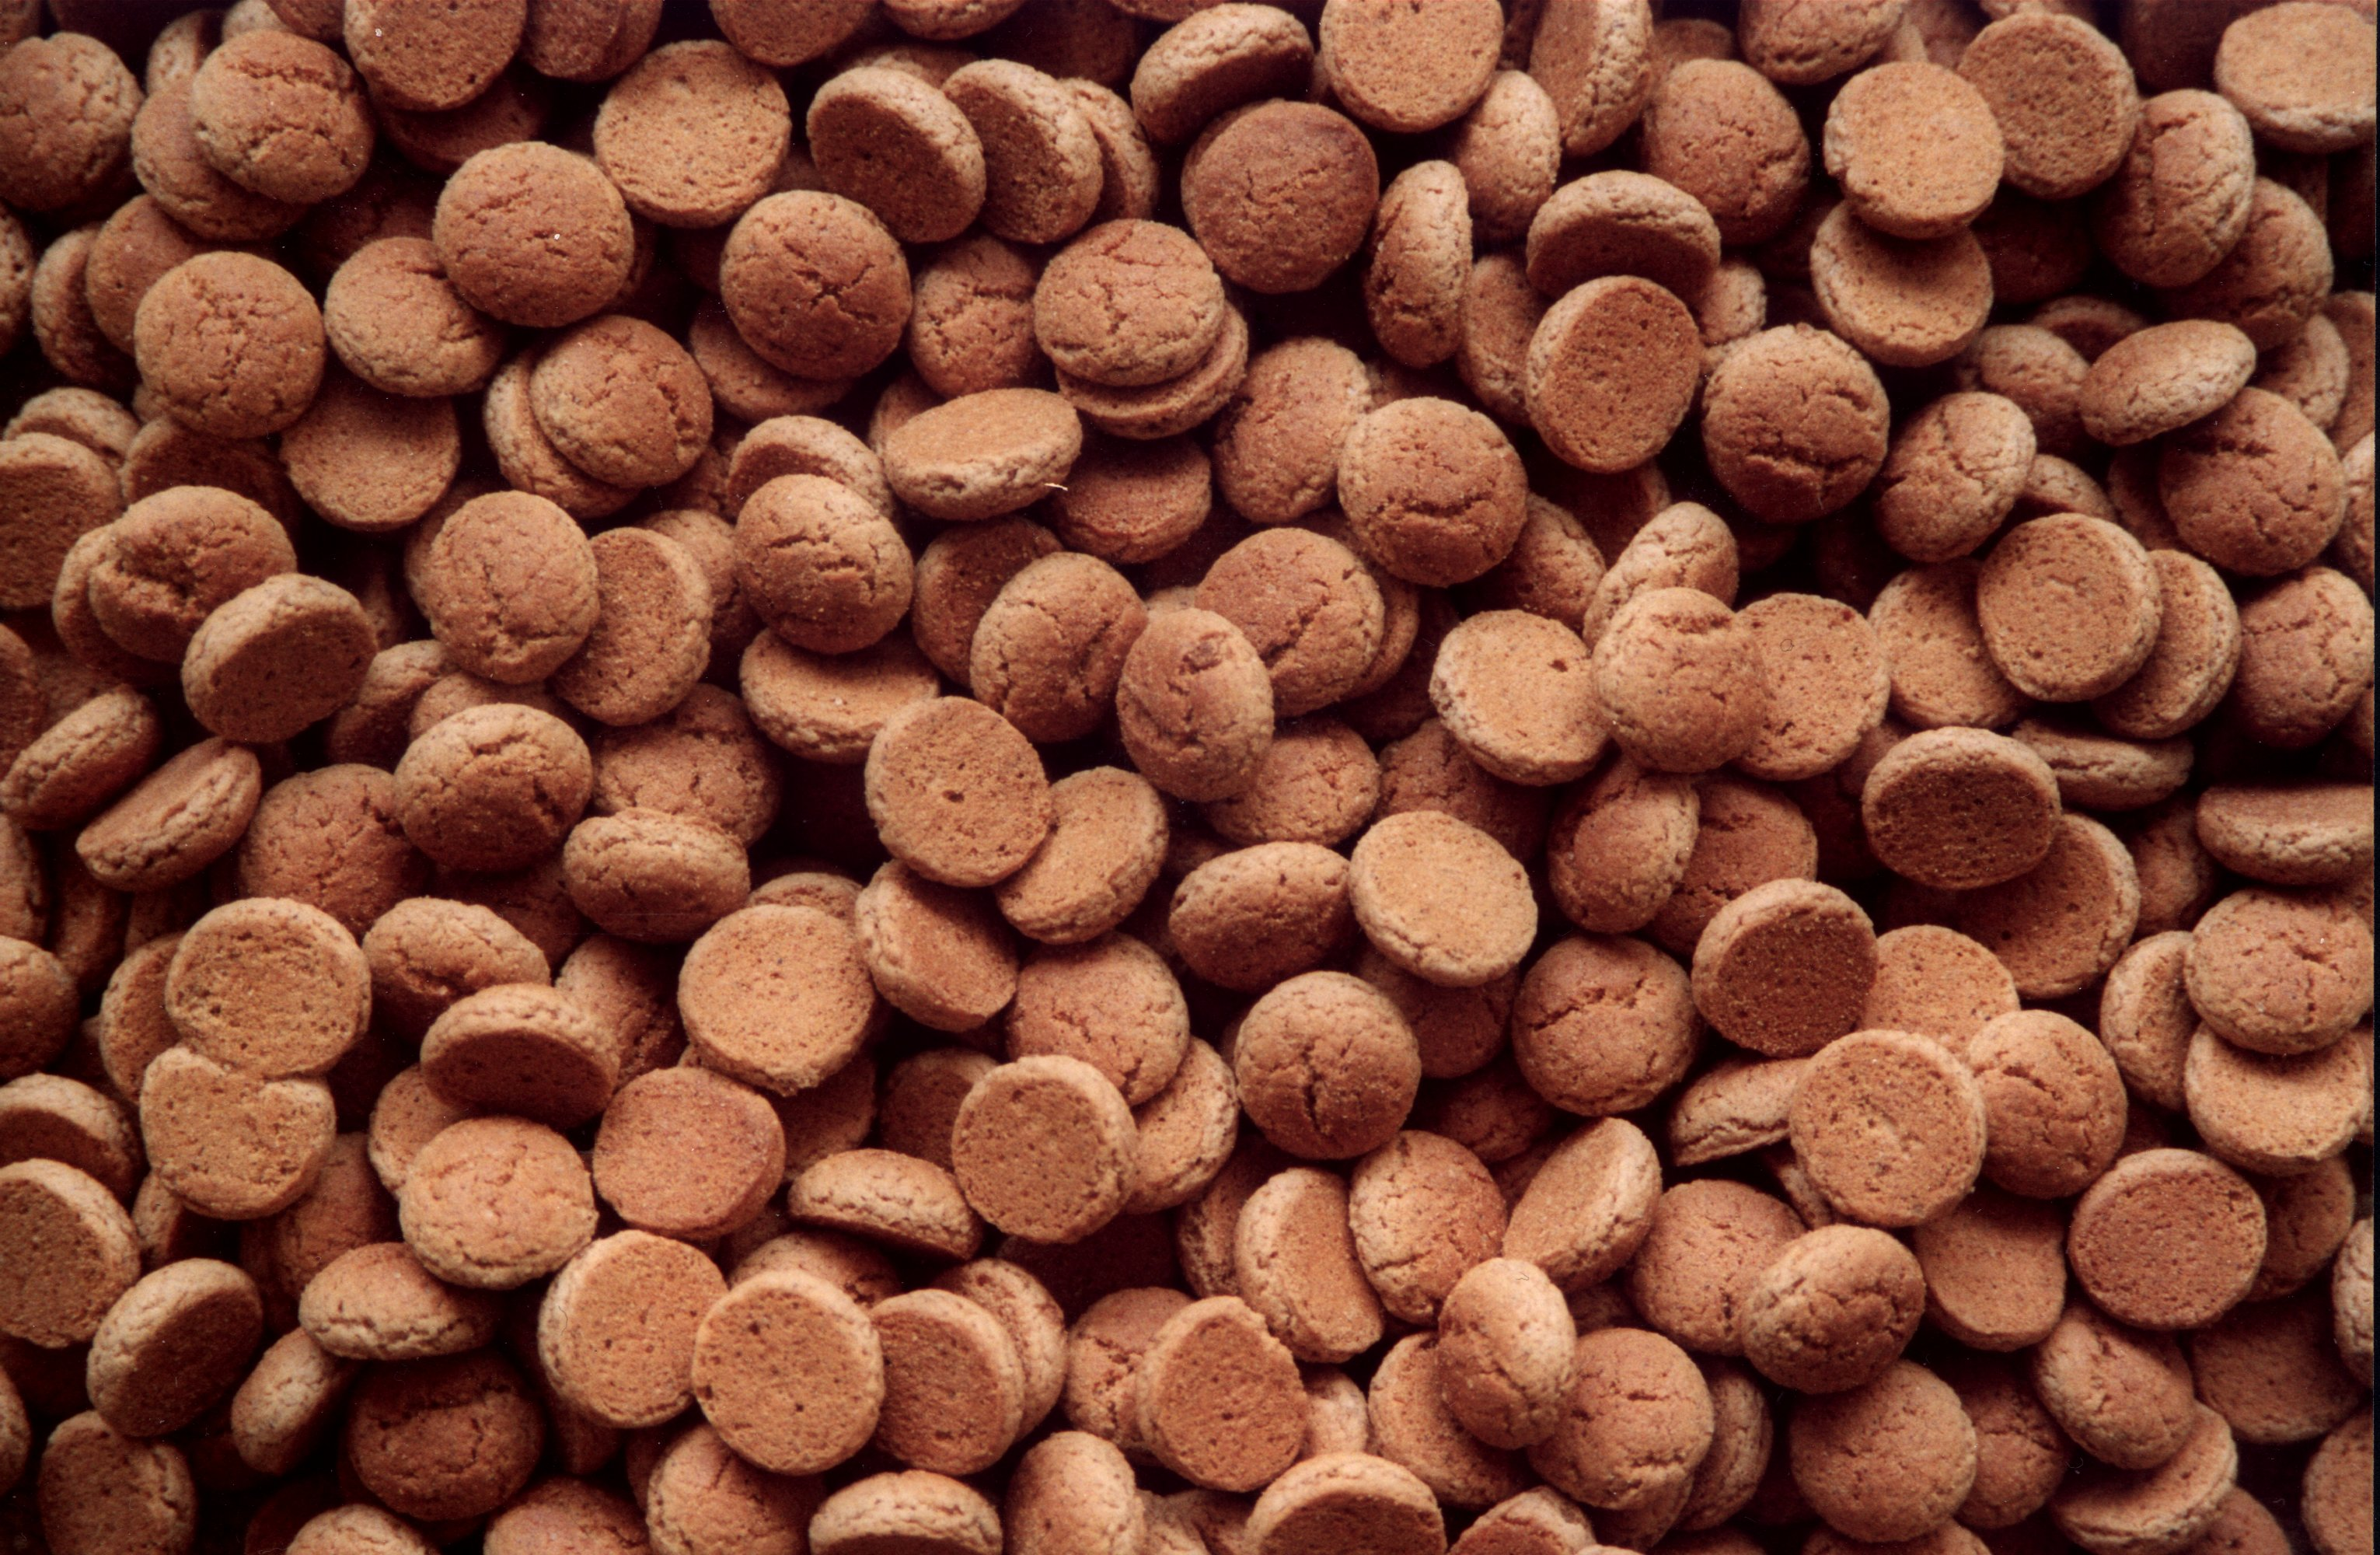 Wat is beter voor je lijn: pepernoten of kruidnootjes?